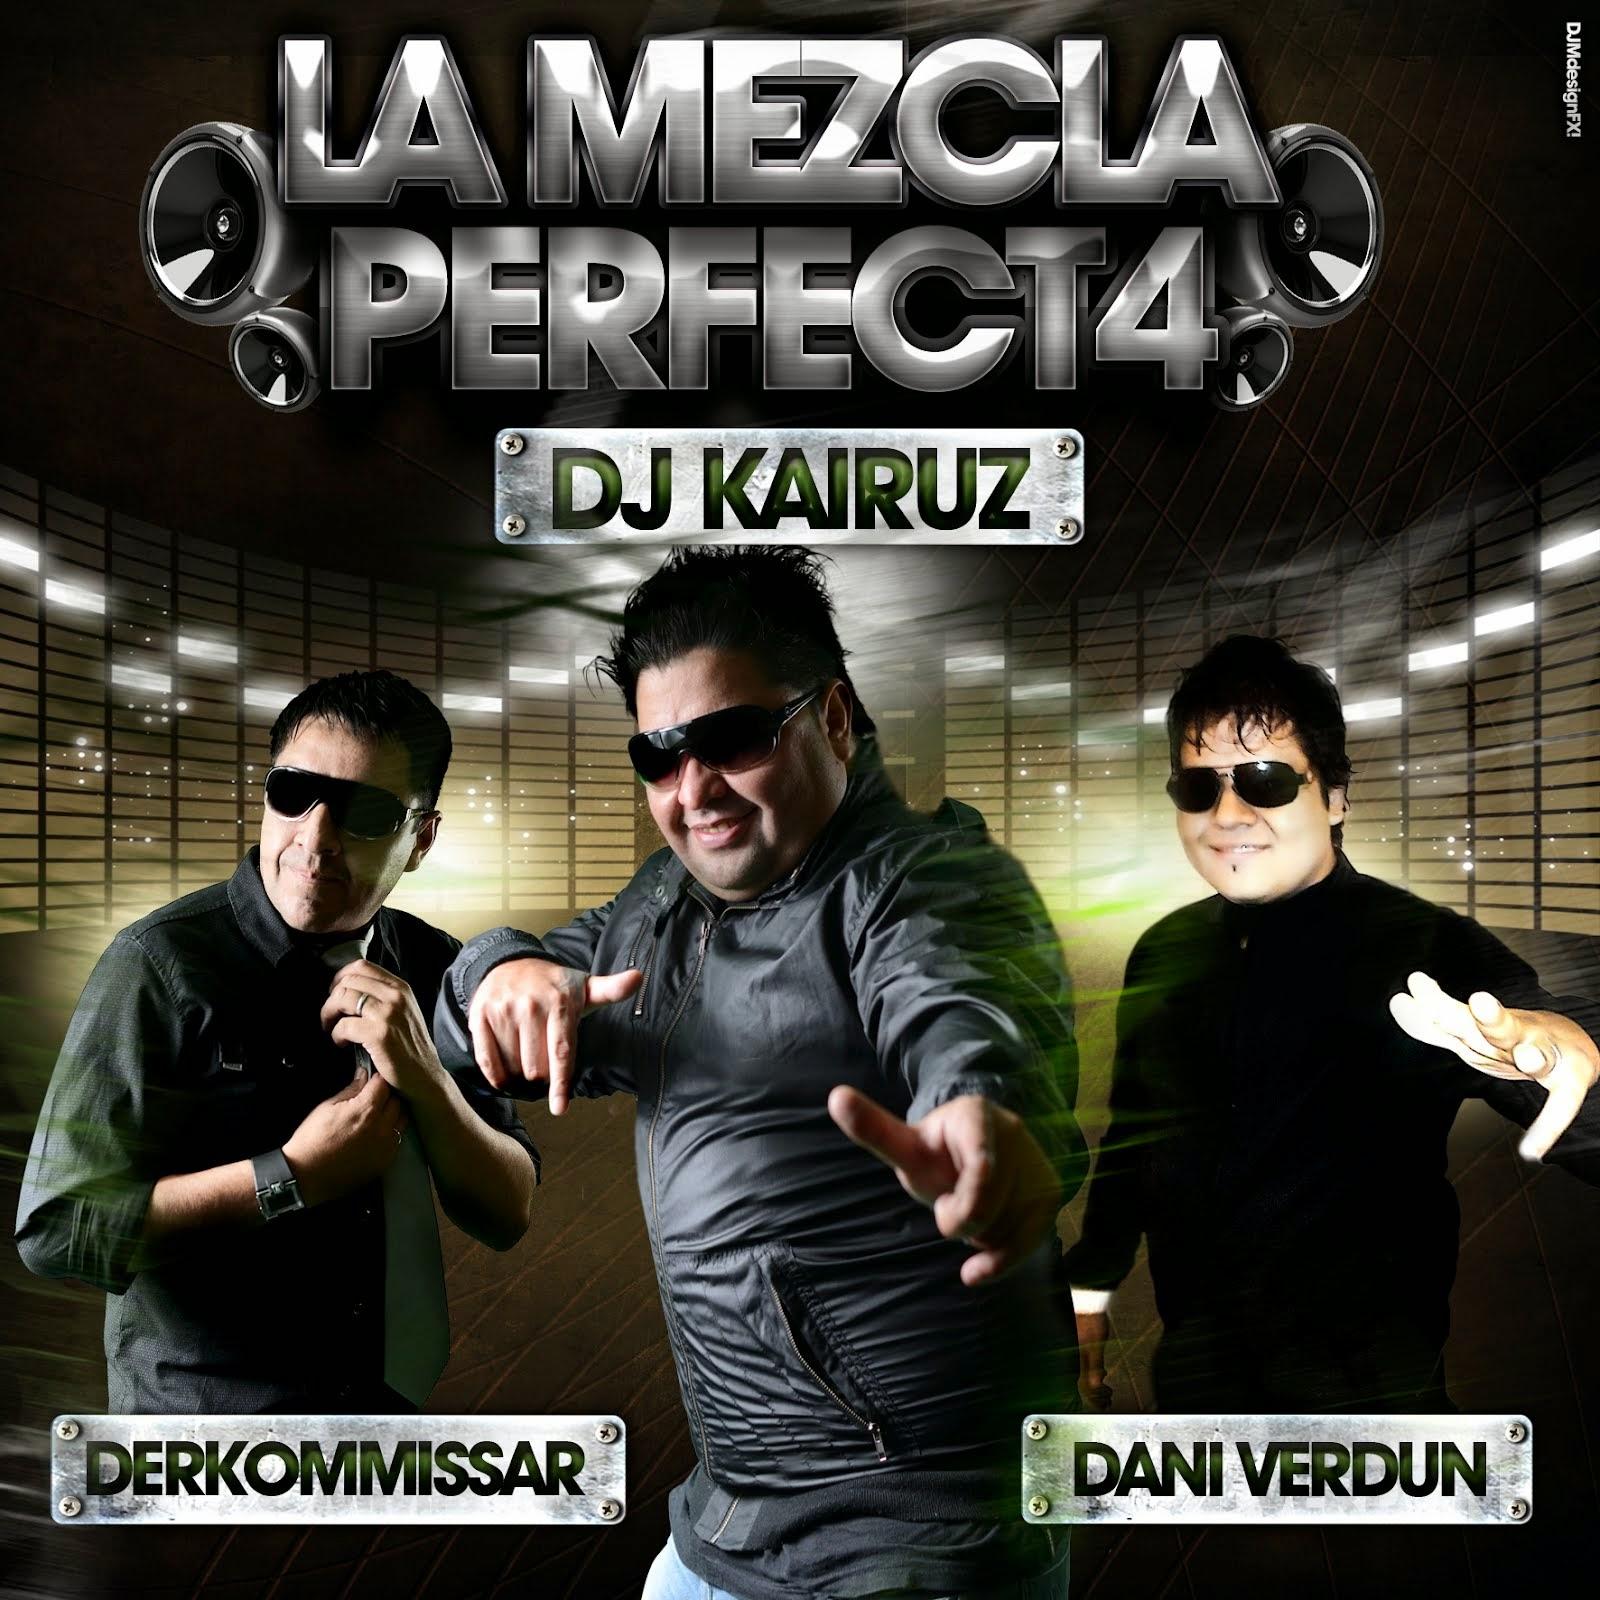 La Mezcla Perfecta 4 - Dj Derkommissar Ft. Dj Kairuz Ft. Dj Verdun (2012)